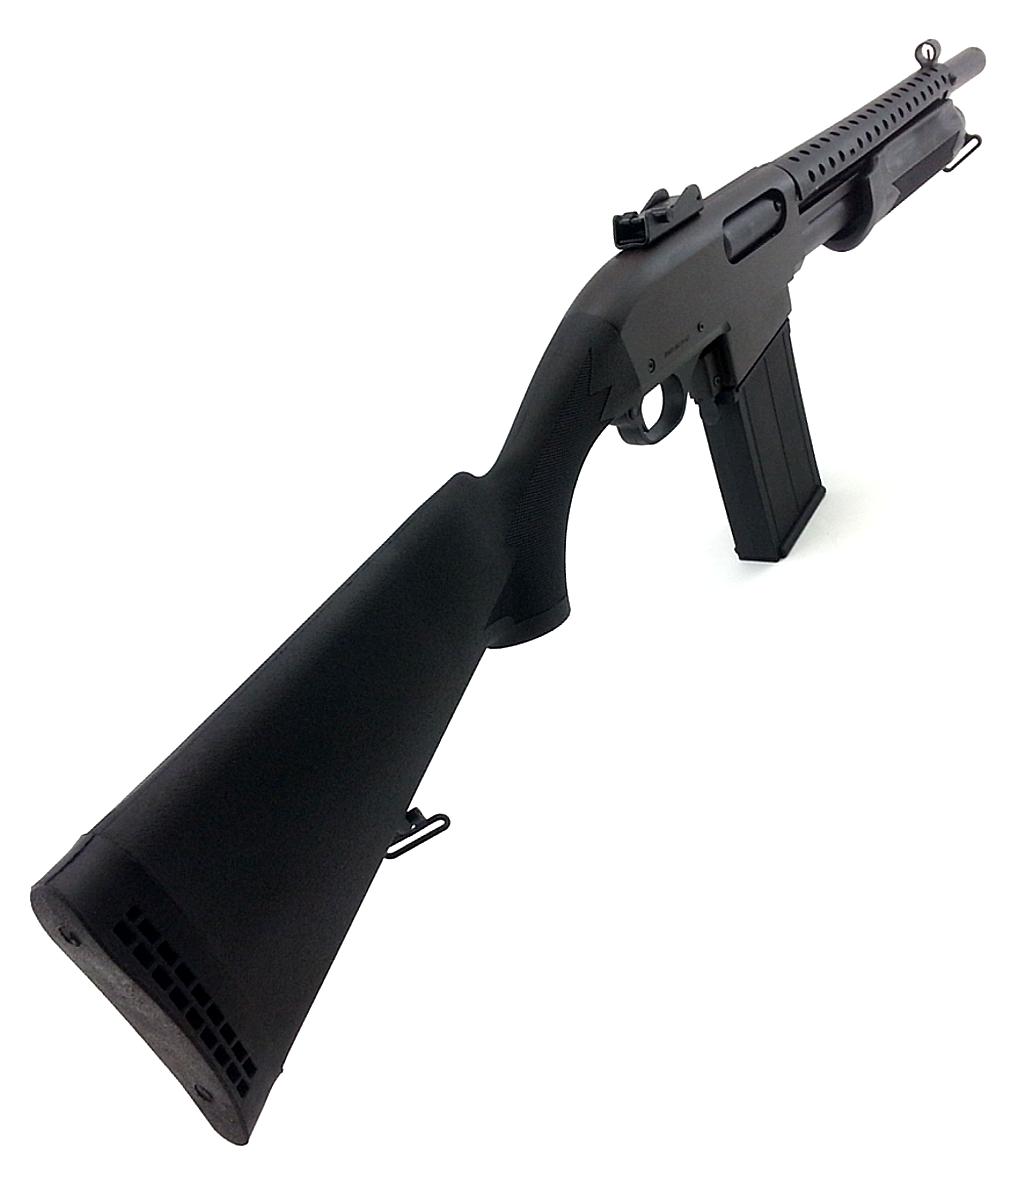 Norinco YJ12-2 12 Gauge Tactical Mag Fed Shotgun — Remington